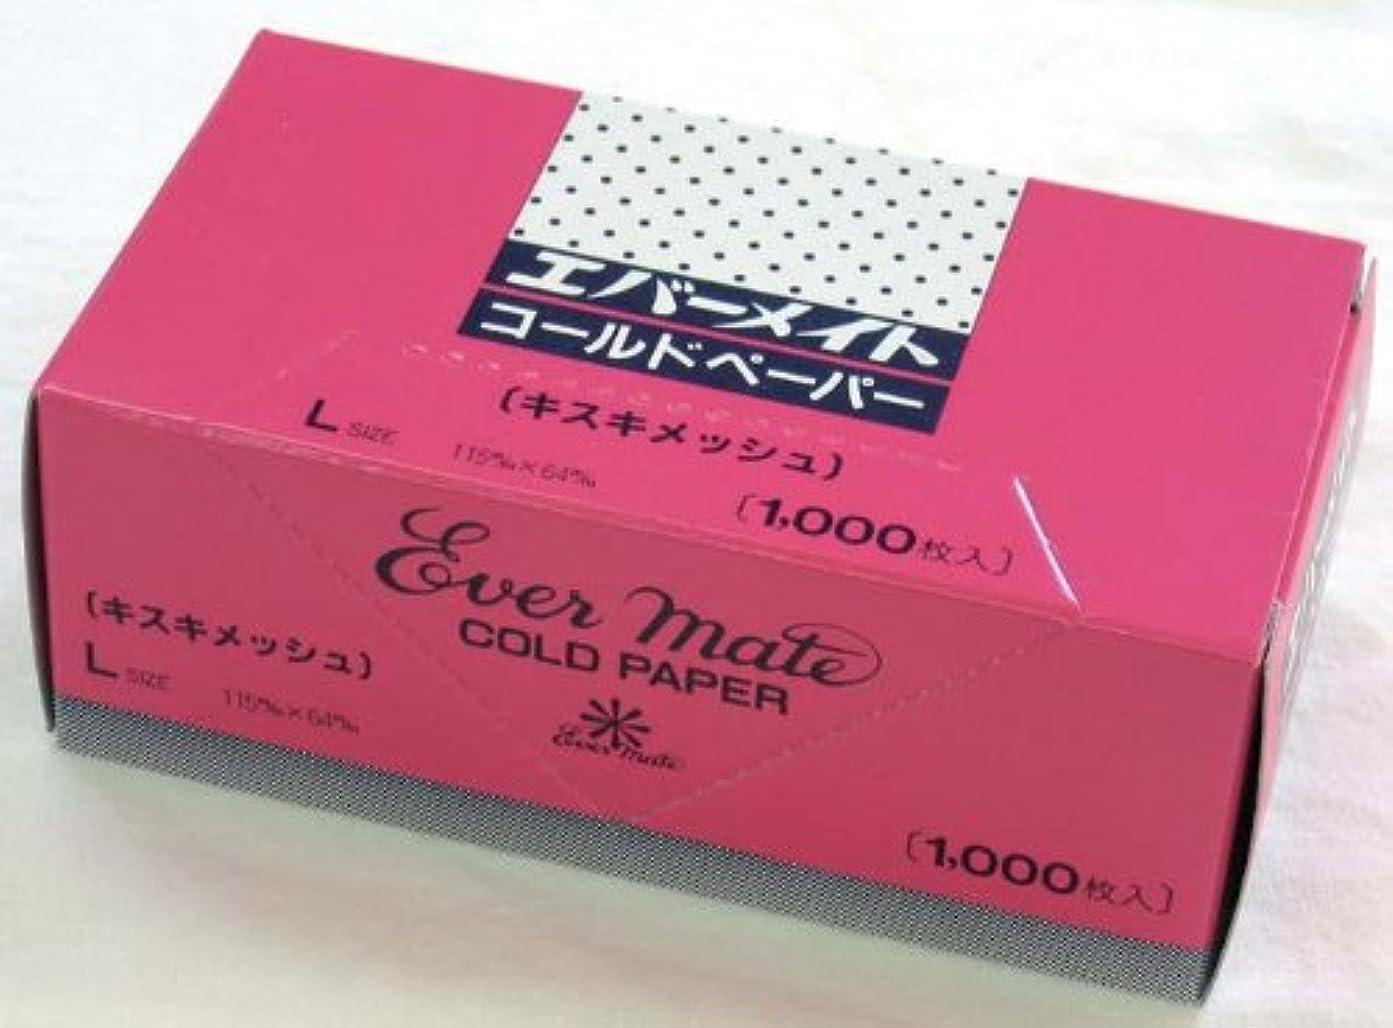 権利を与える魅力年金ニューエバー NEW EVER / キスキメッシュペーパー Sサイズ 1000枚入